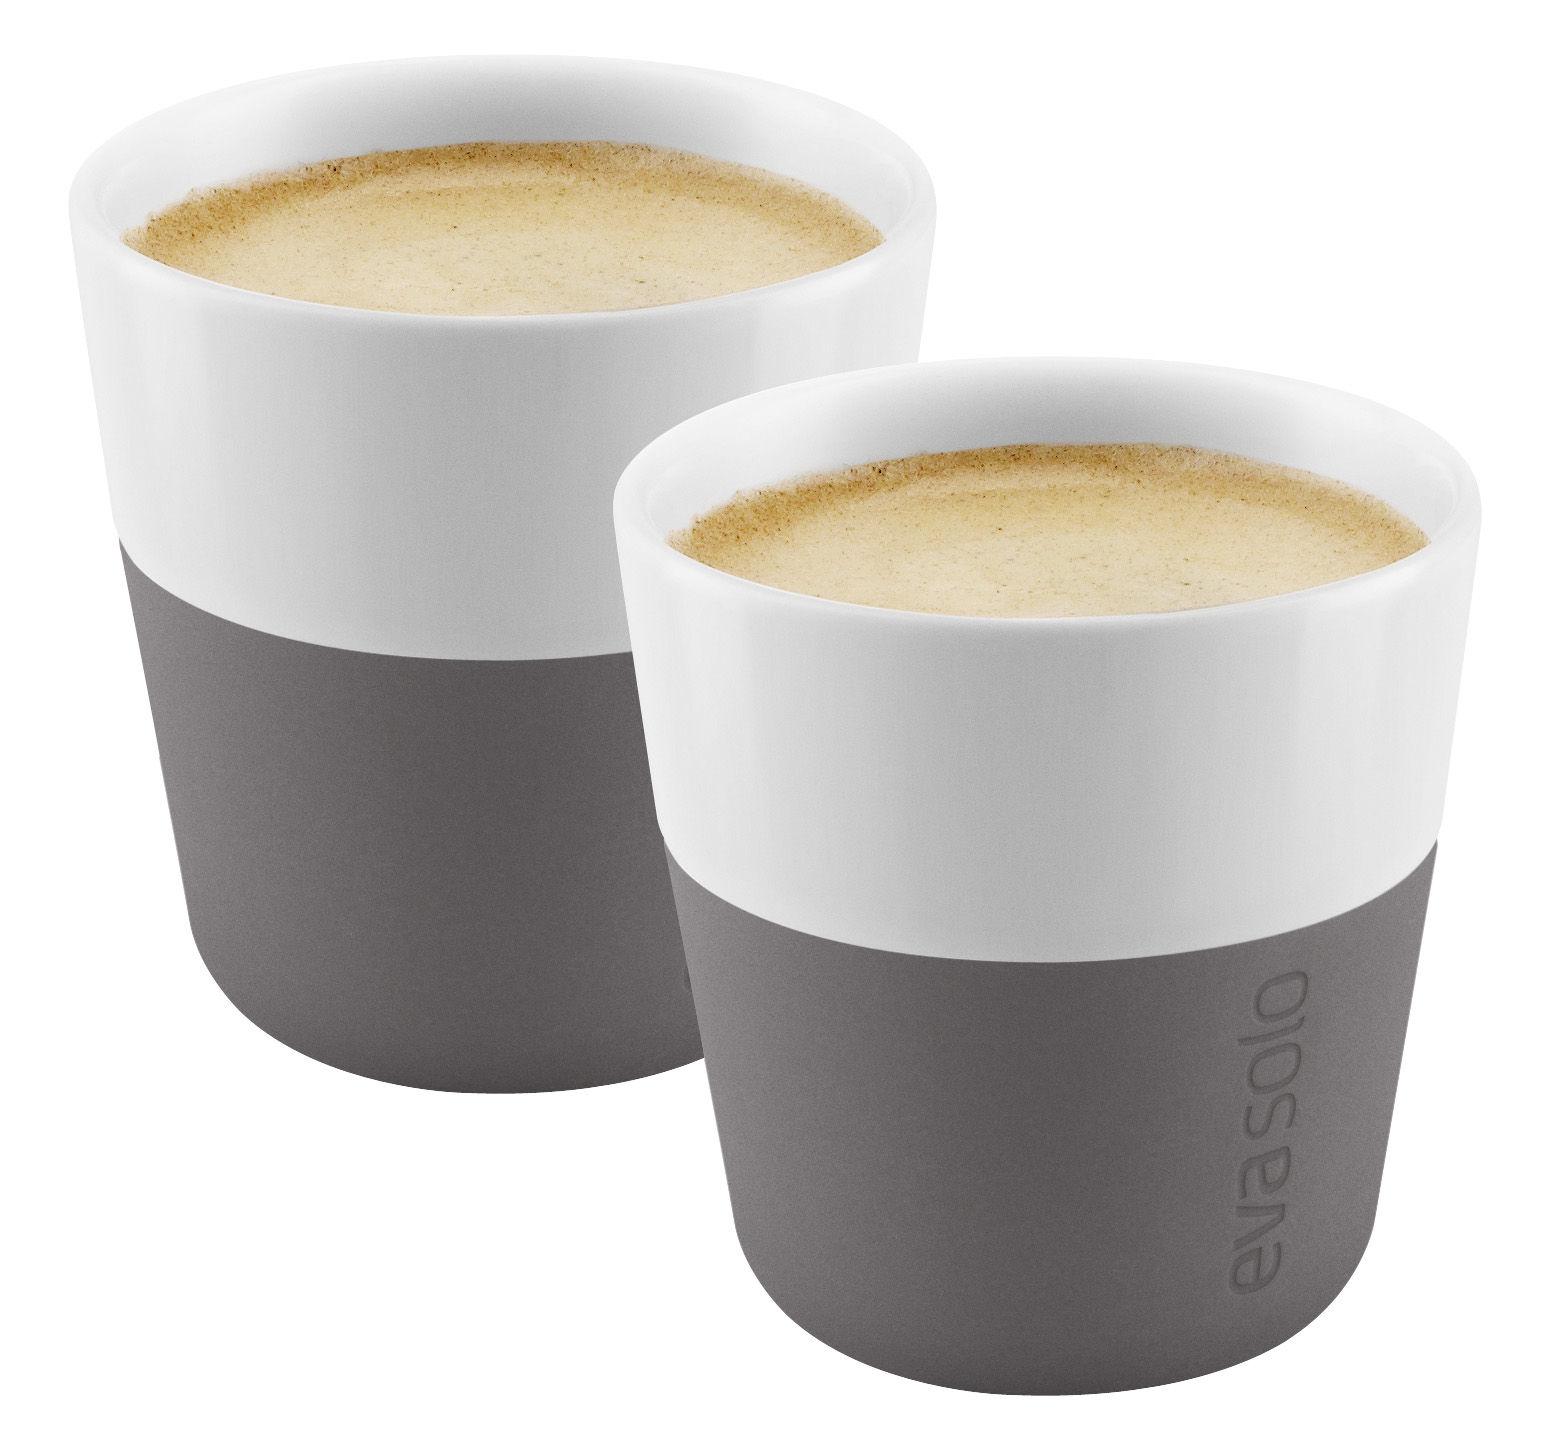 Arts de la table - Tasses et mugs - Tasse à espresso / Set de 2 - 80 ml - Eva Solo - Gris éléphant - Porcelaine, Silicone